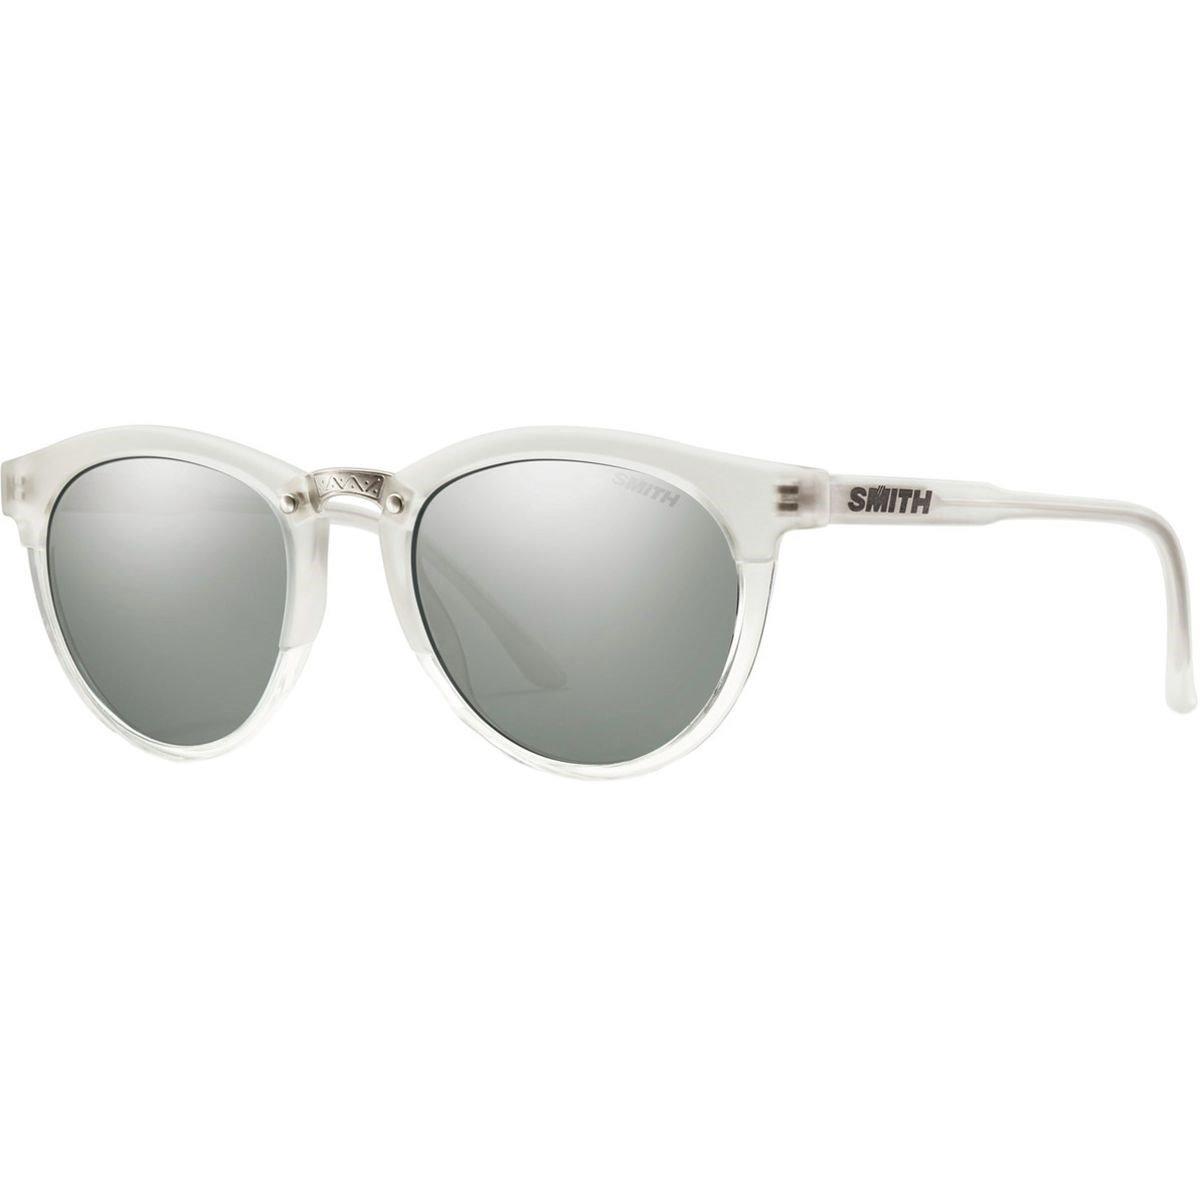 41bc856a1c Smith Questa Sunglasses - Women s